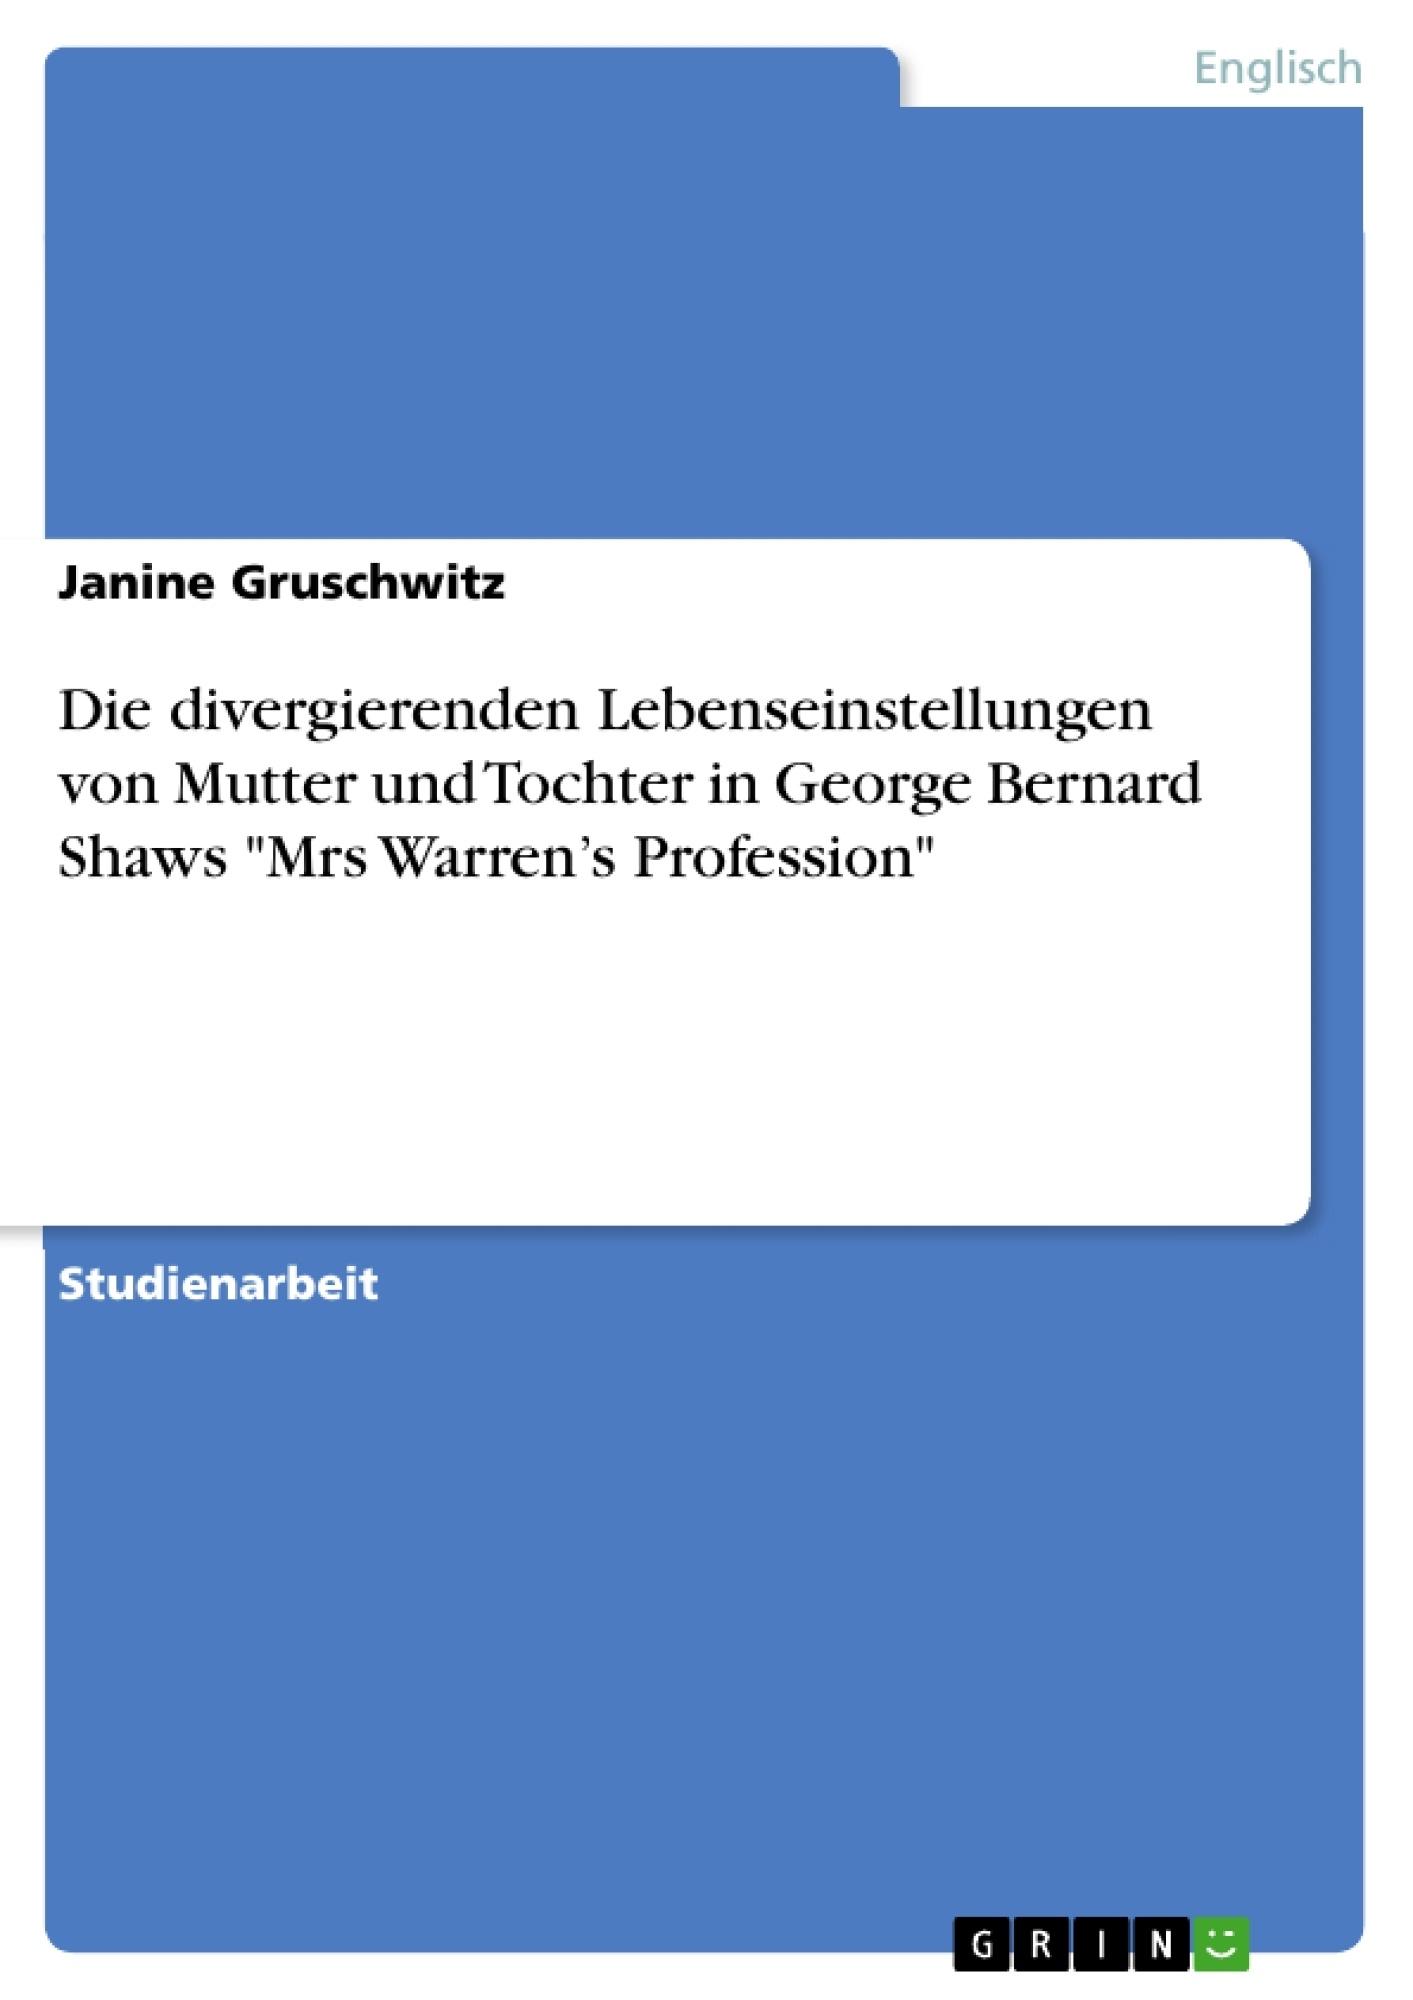 """Titel: Die divergierenden Lebenseinstellungen von Mutter und Tochter in George Bernard Shaws """"Mrs Warren's Profession"""""""